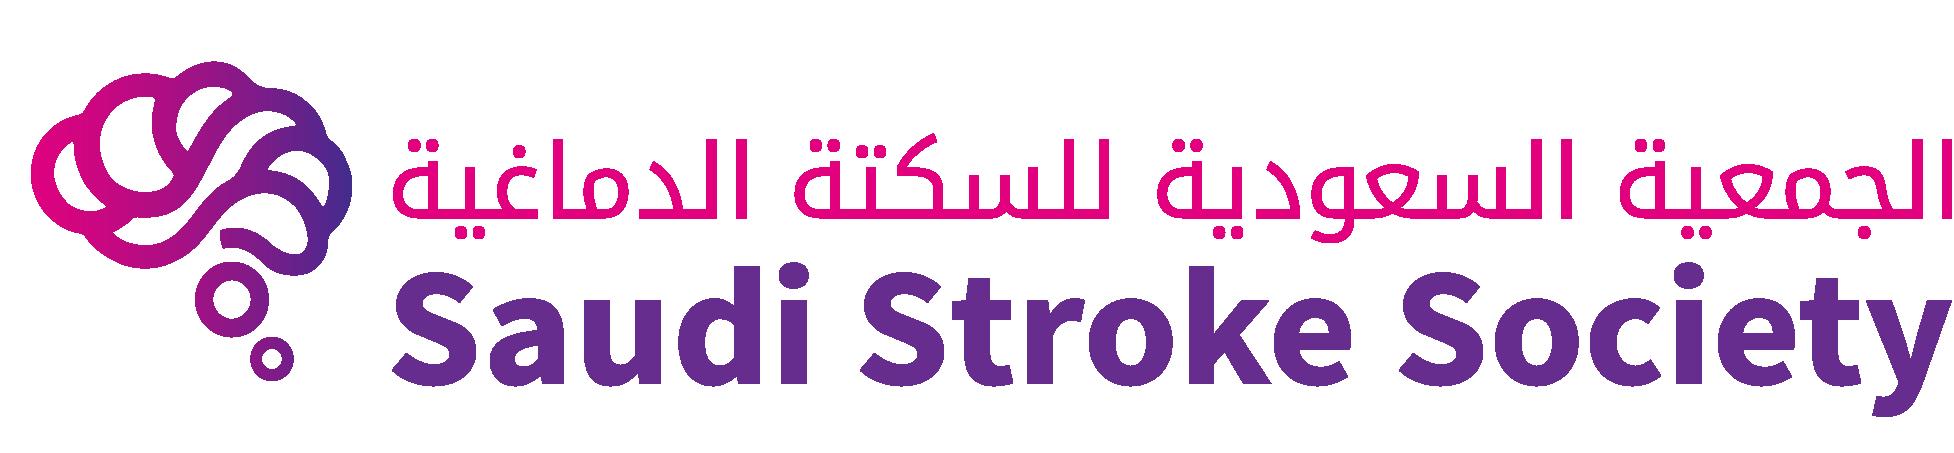 Membership - Saudi Stroke Society